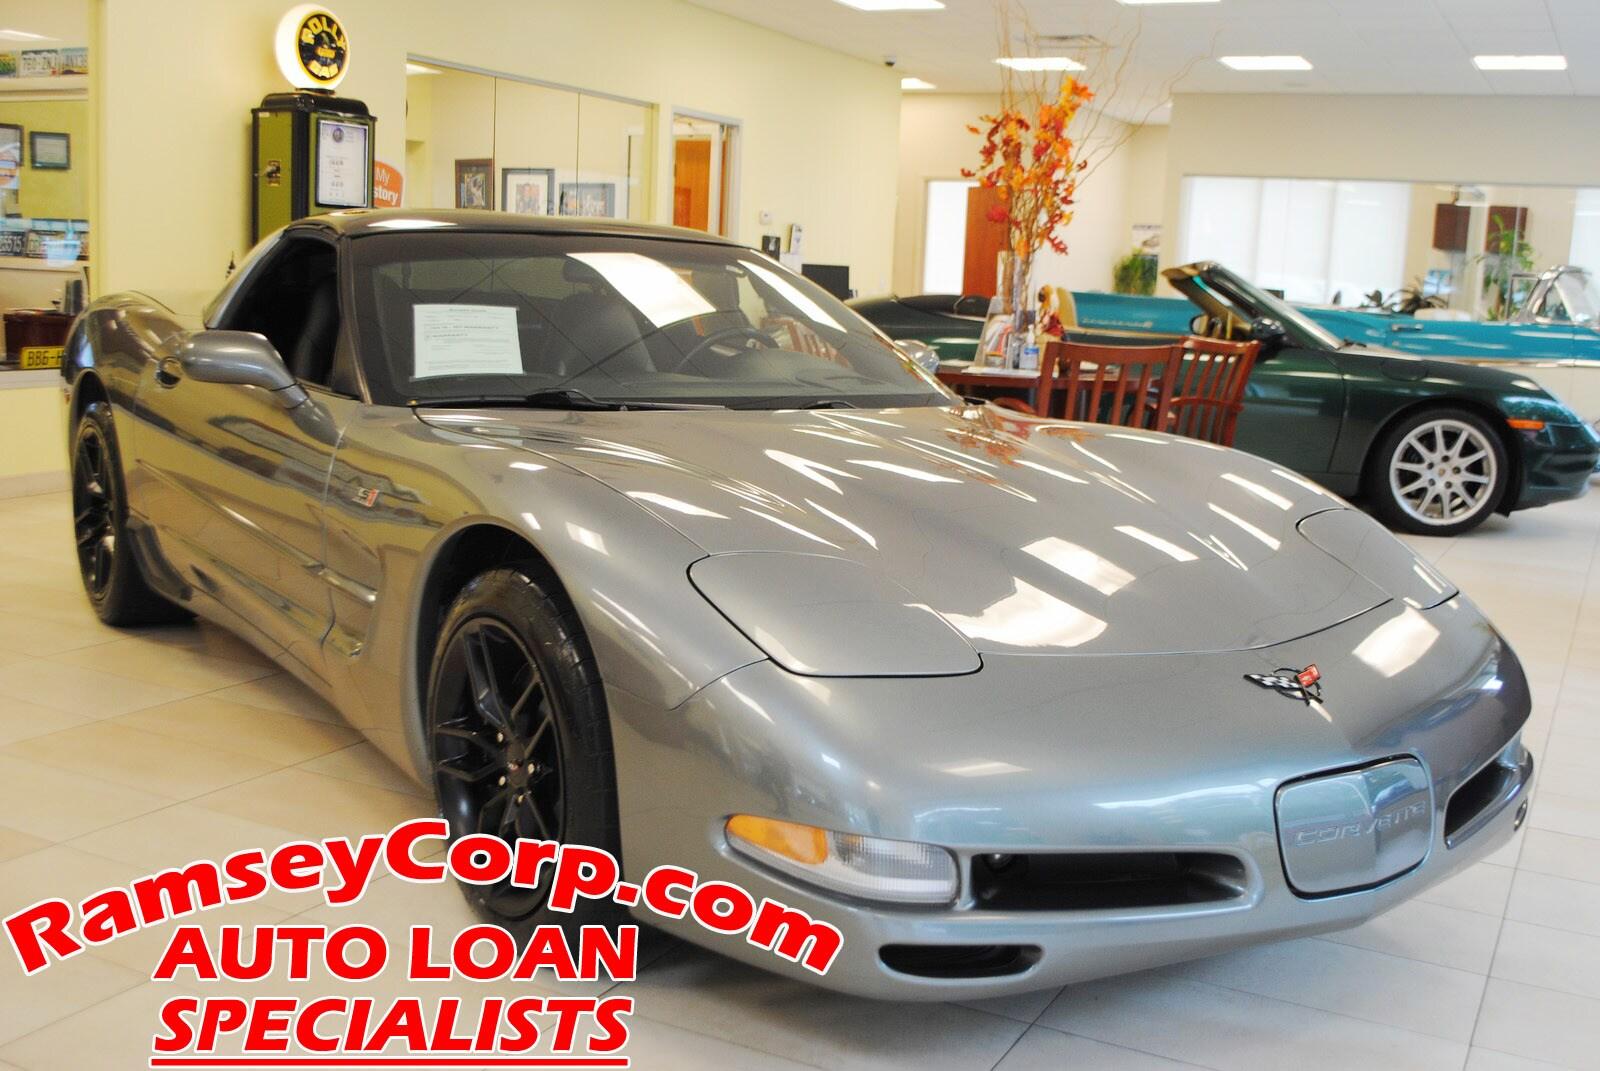 2004 Chevrolet Corvette 5.7 Coupe